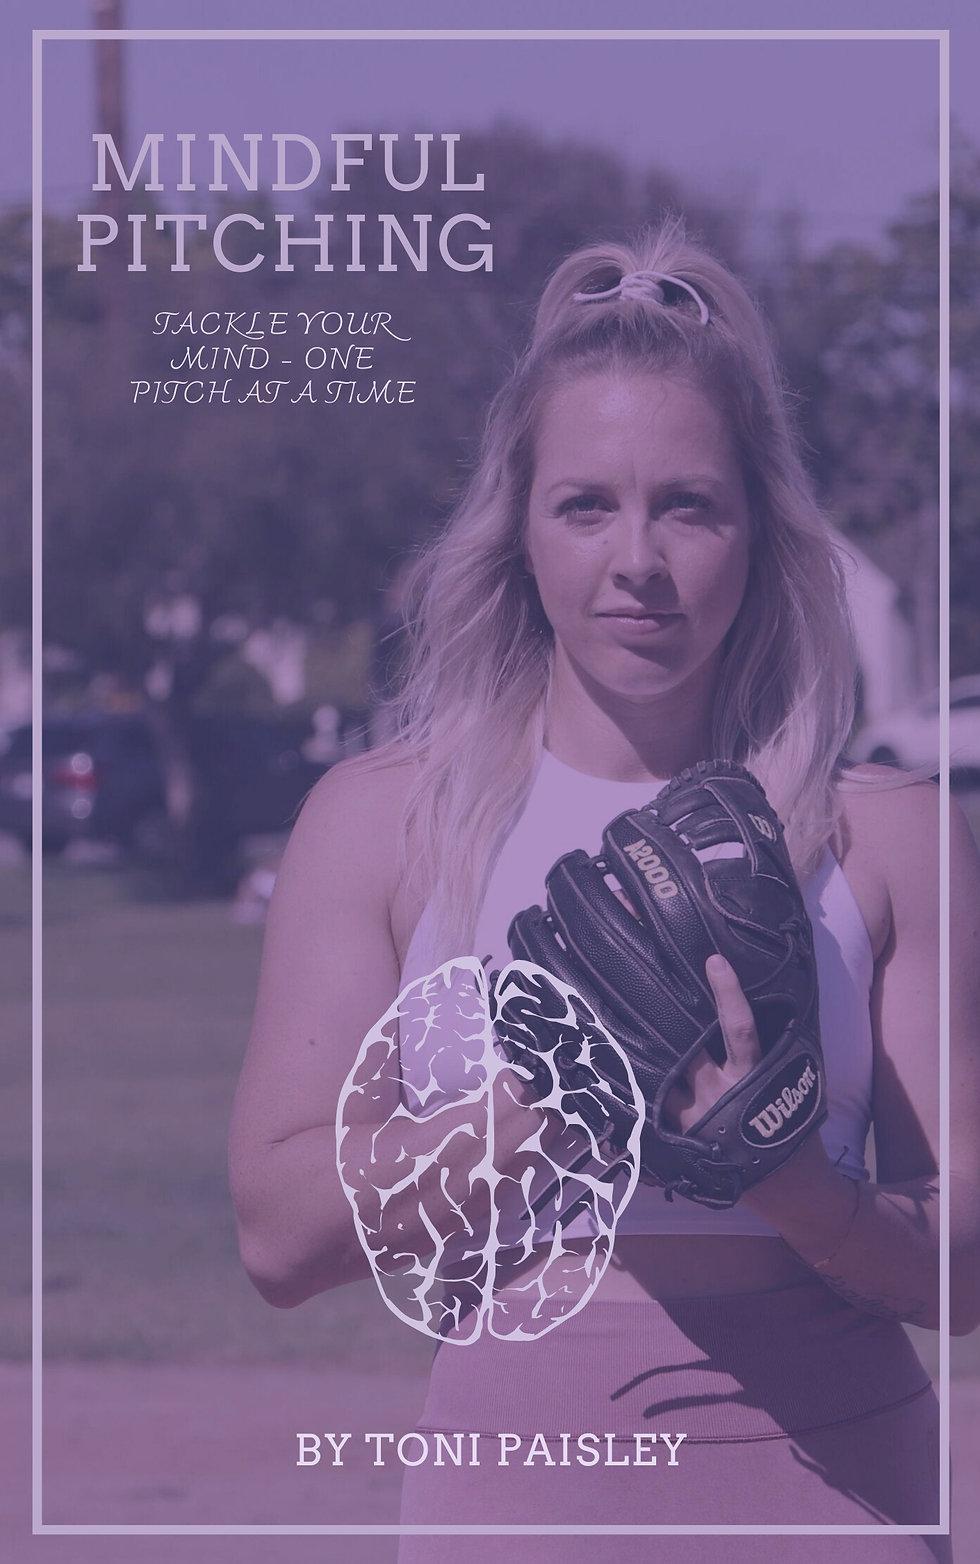 Mindful Pitching, Pitching Book, Toni Paisley, Paisleys Pitching